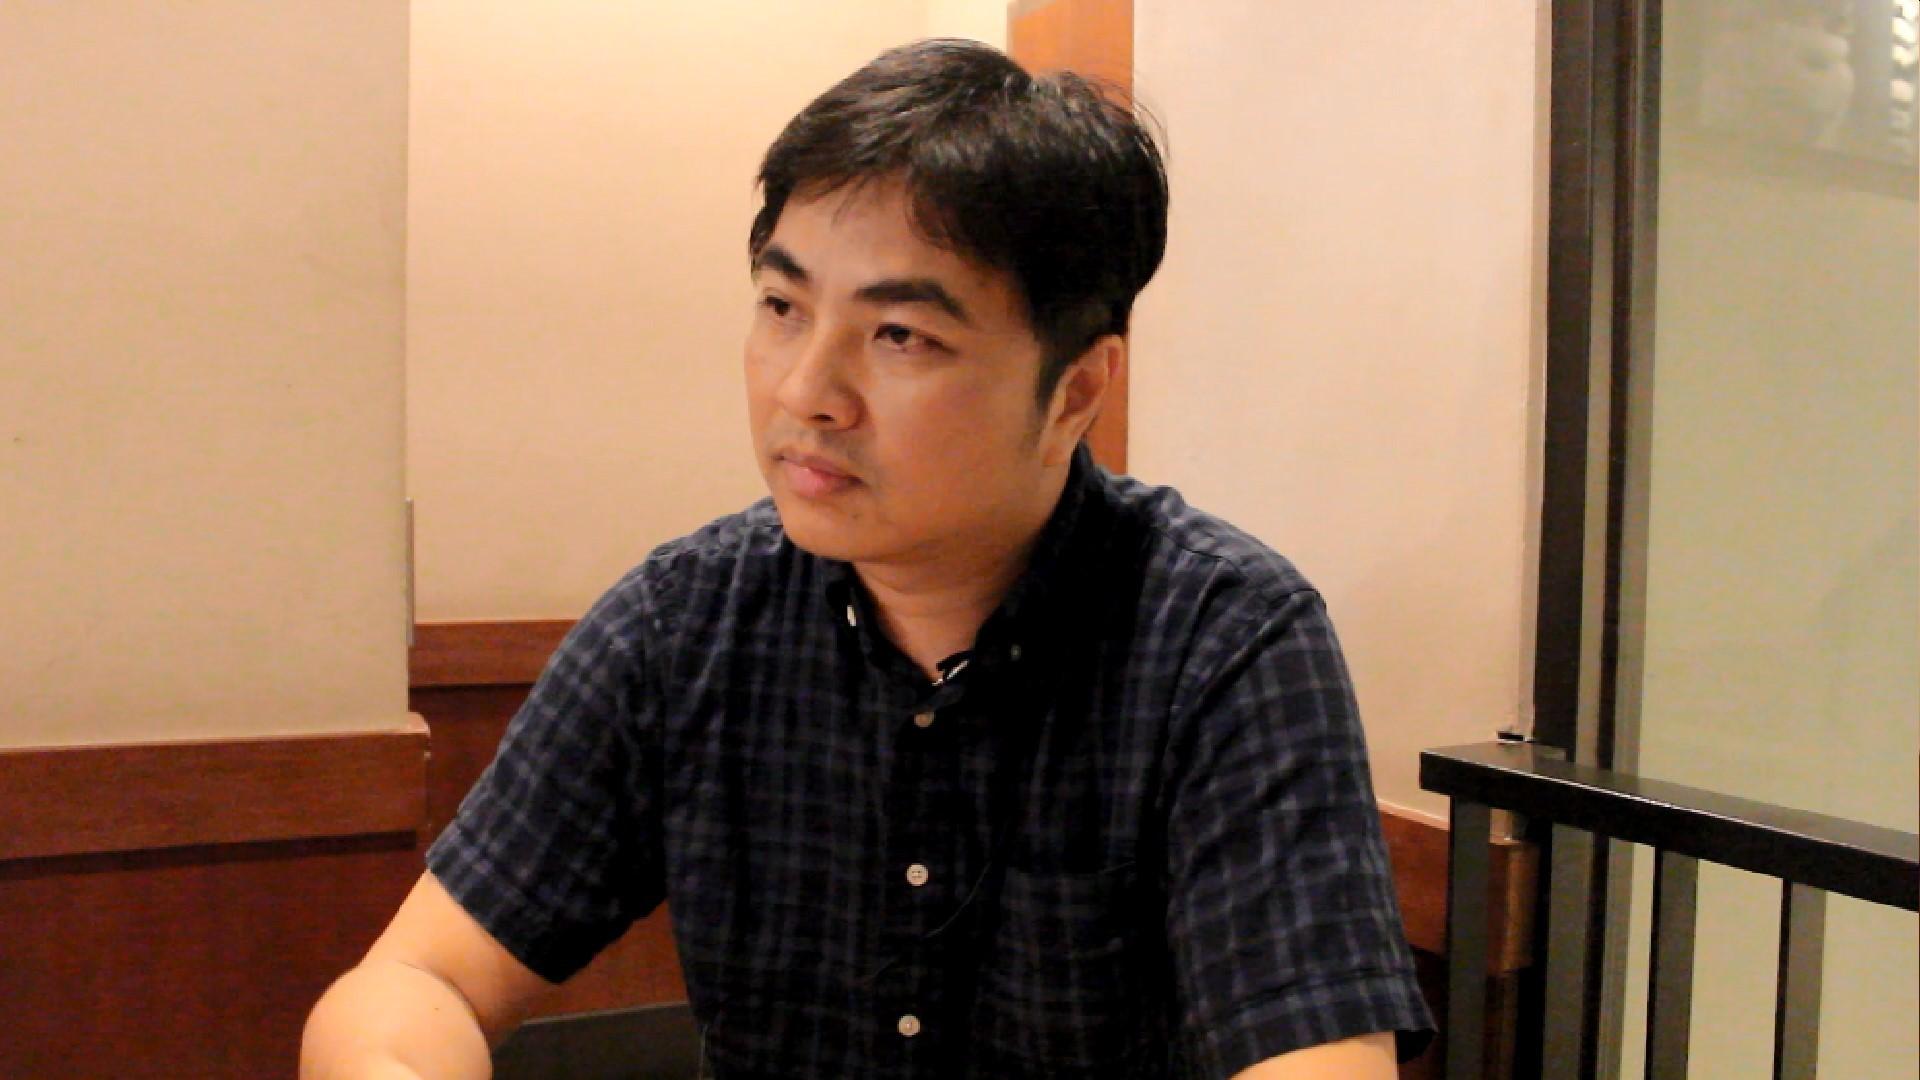 台北市汽車駕駛員職業工會理事長鄭力嘉坦言,若Uber願接受法規約束,他絕對贊成Uber 進入台灣的計程車市場公平競爭。攝影/程怡靜